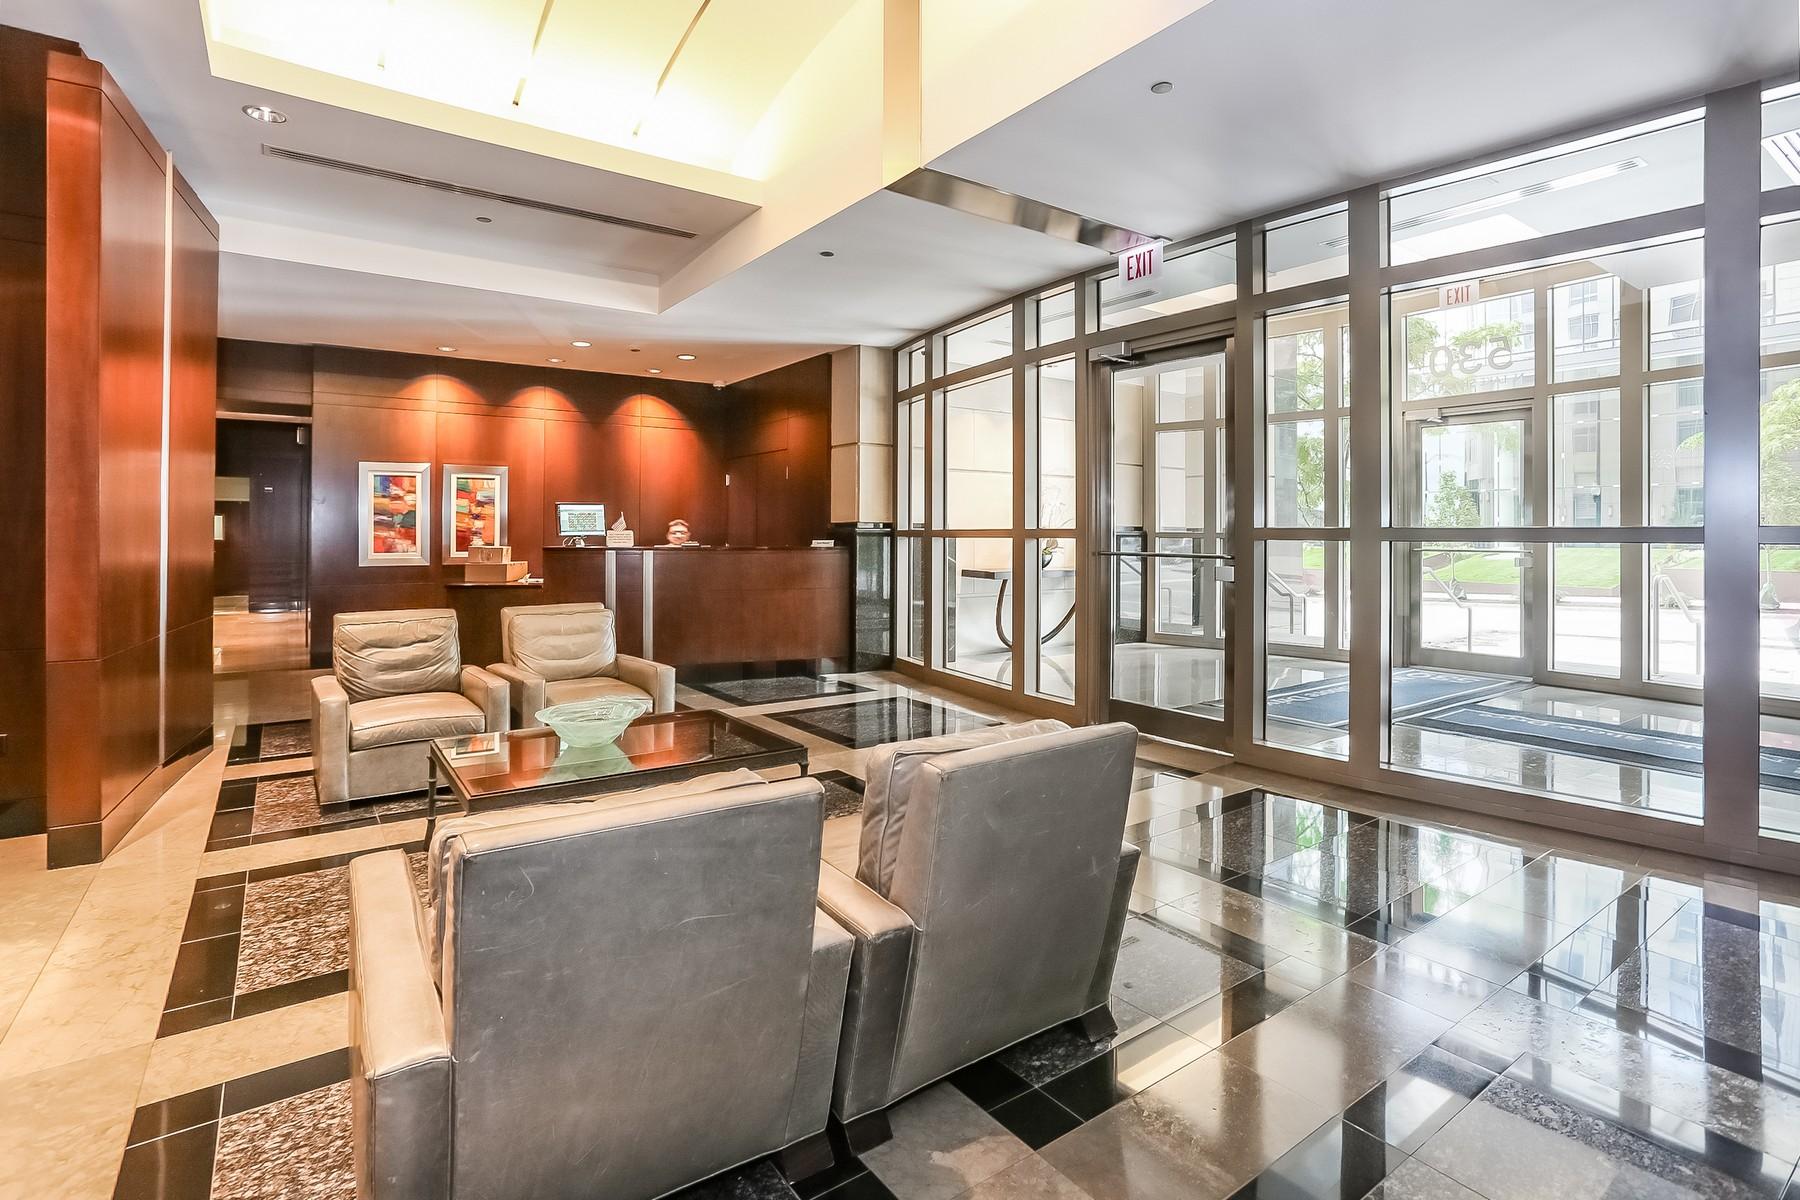 Eigentumswohnung für Verkauf beim Renovated Corner Unit 530 N Lake Shore Drive Unit 2001 Chicago, Illinois, 60611 Vereinigte Staaten